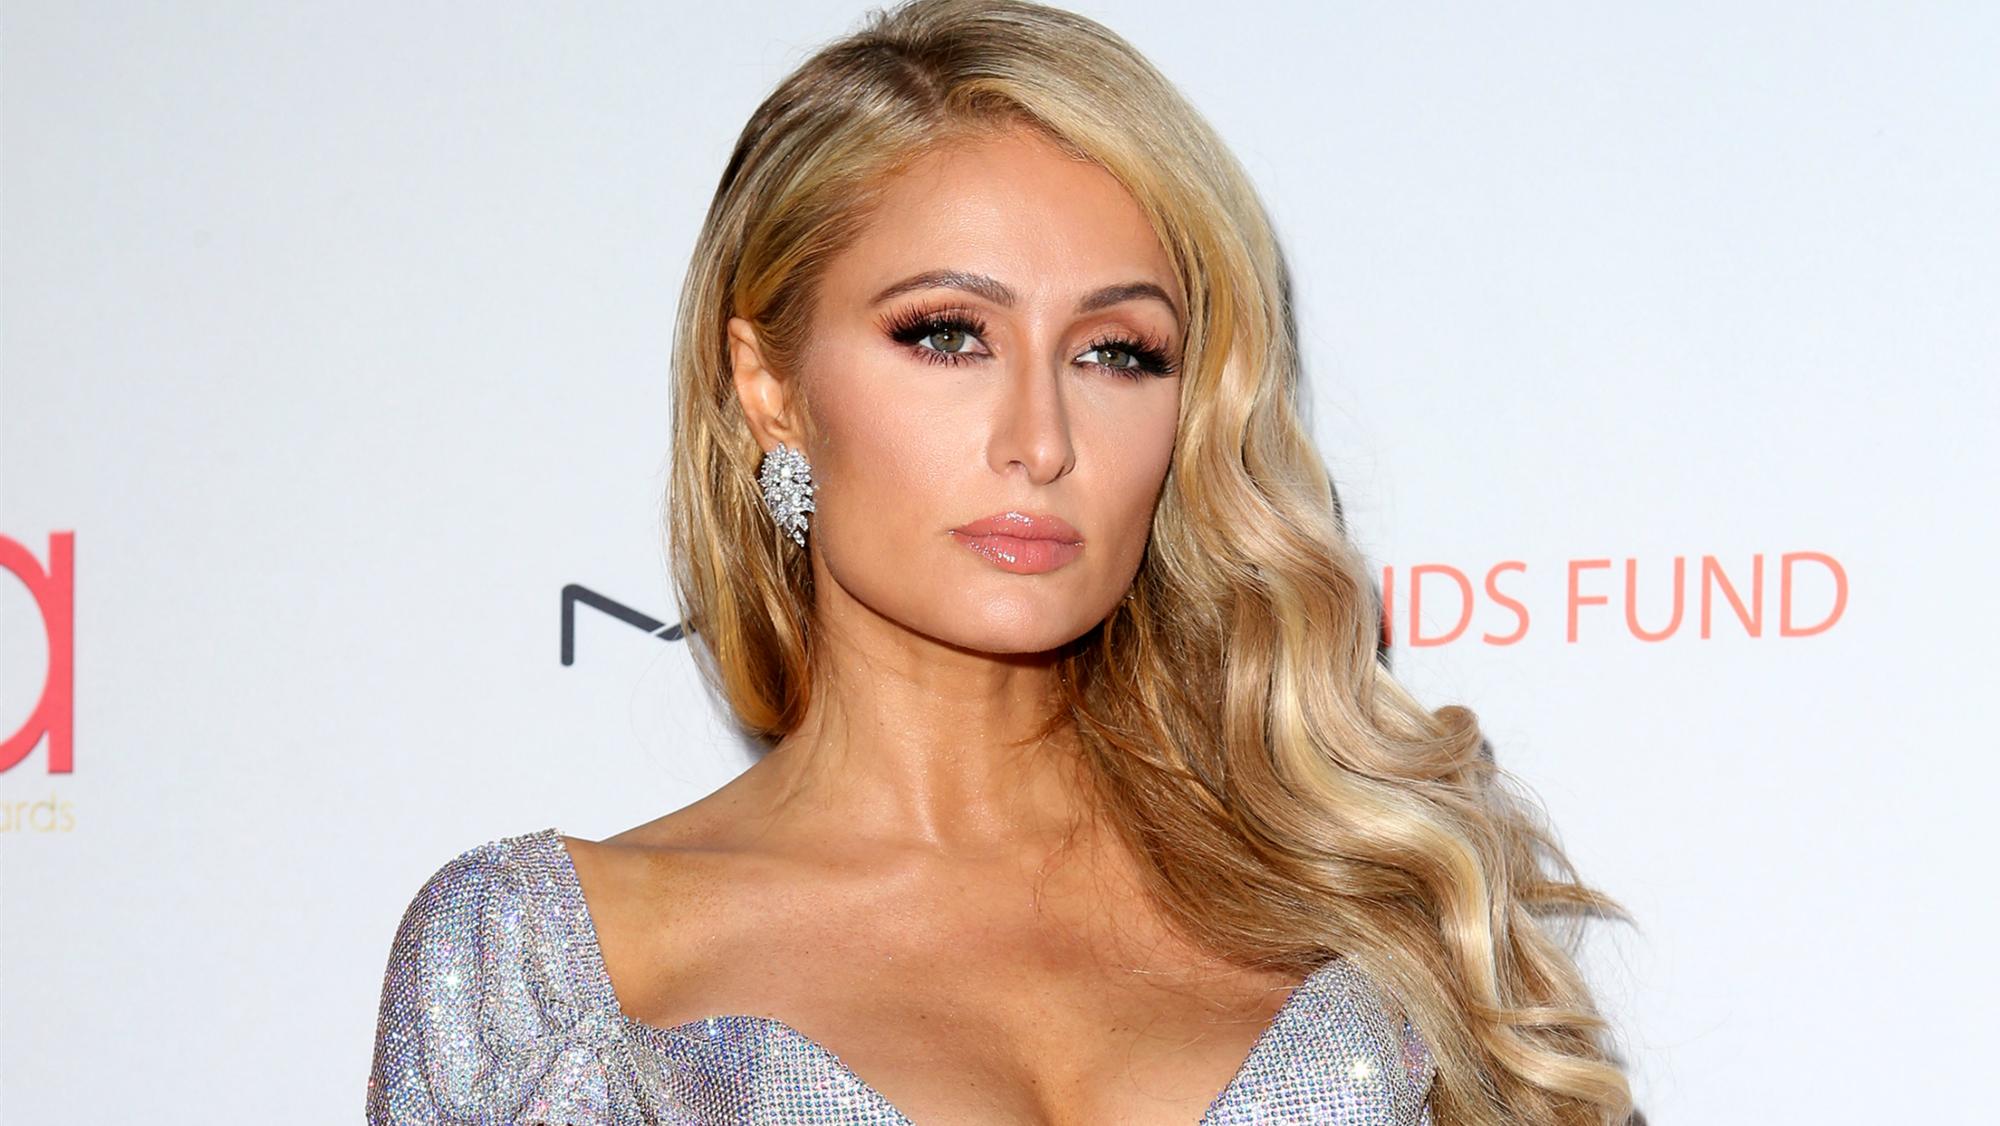 Bí mật ít ai biết giúp Paris Hilton giữ dáng lại trẻ đẹp hơn nhiều so với tuổi thật, tự tin sánh đôi bên hôn phu kém 4 tuổi - Ảnh 1.